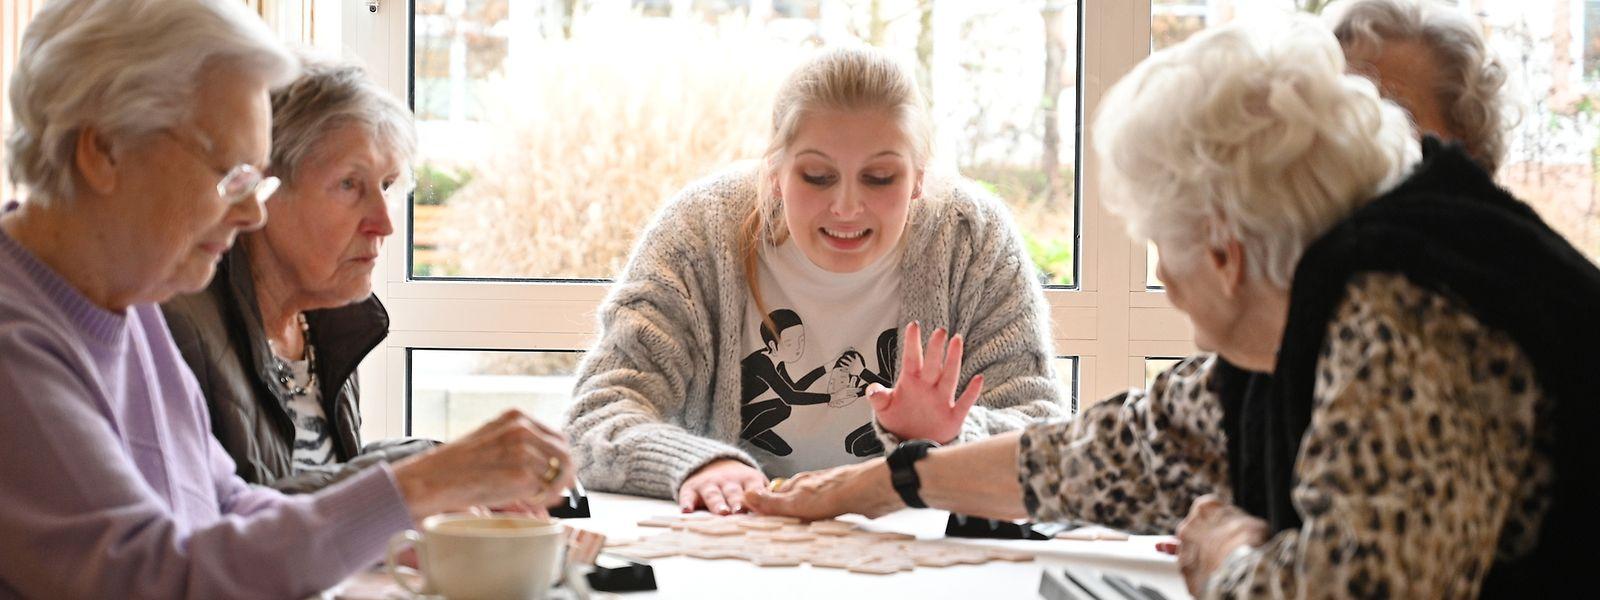 Die Studentin wohnt mietfrei - dafür, dass sie mit den Bewohnern Zeit verbringt.